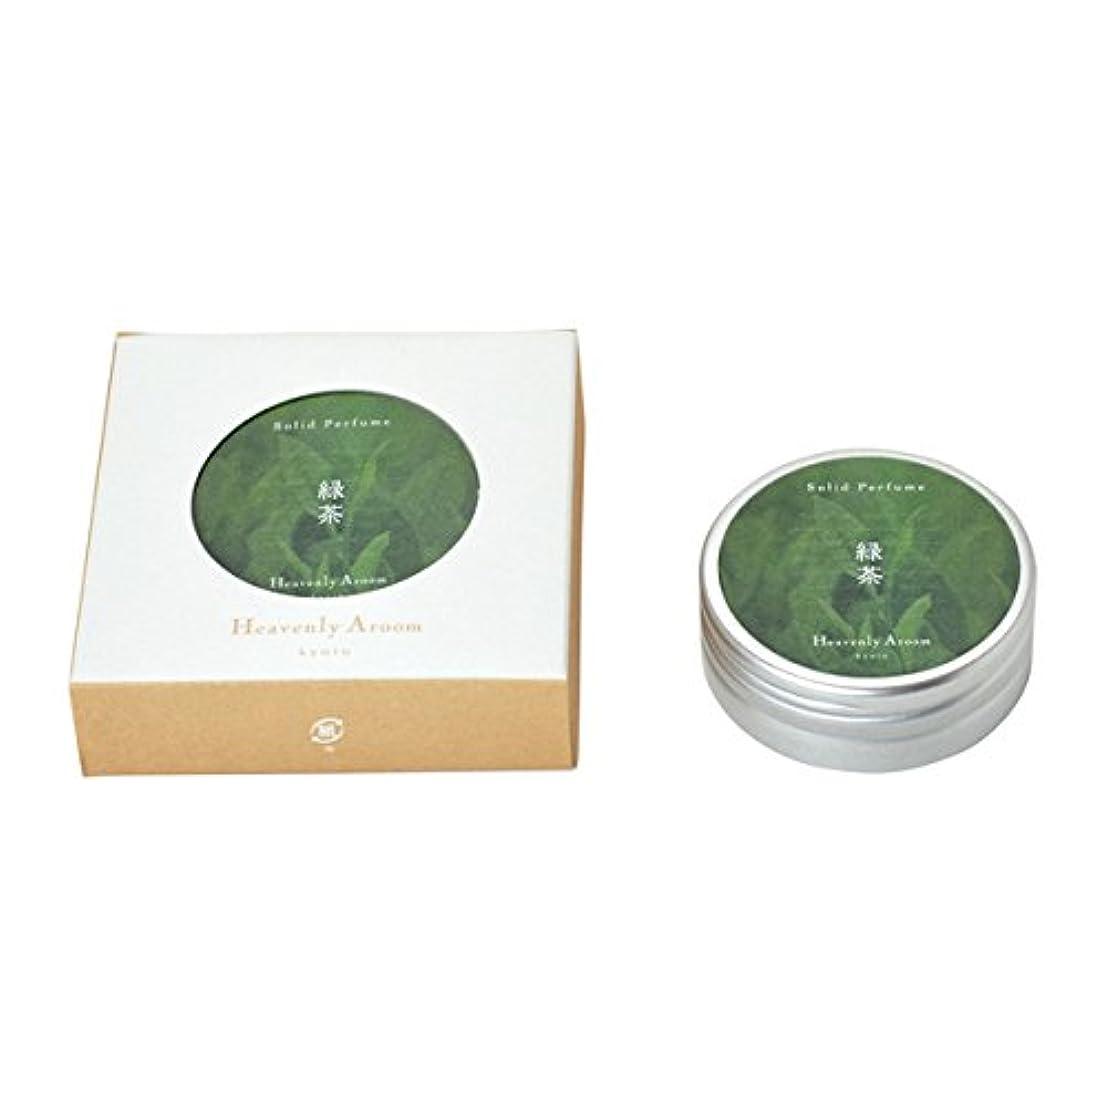 高層ビル韓国頻繁にHeavenly Aroom ソリッドパフューム 緑茶 15g